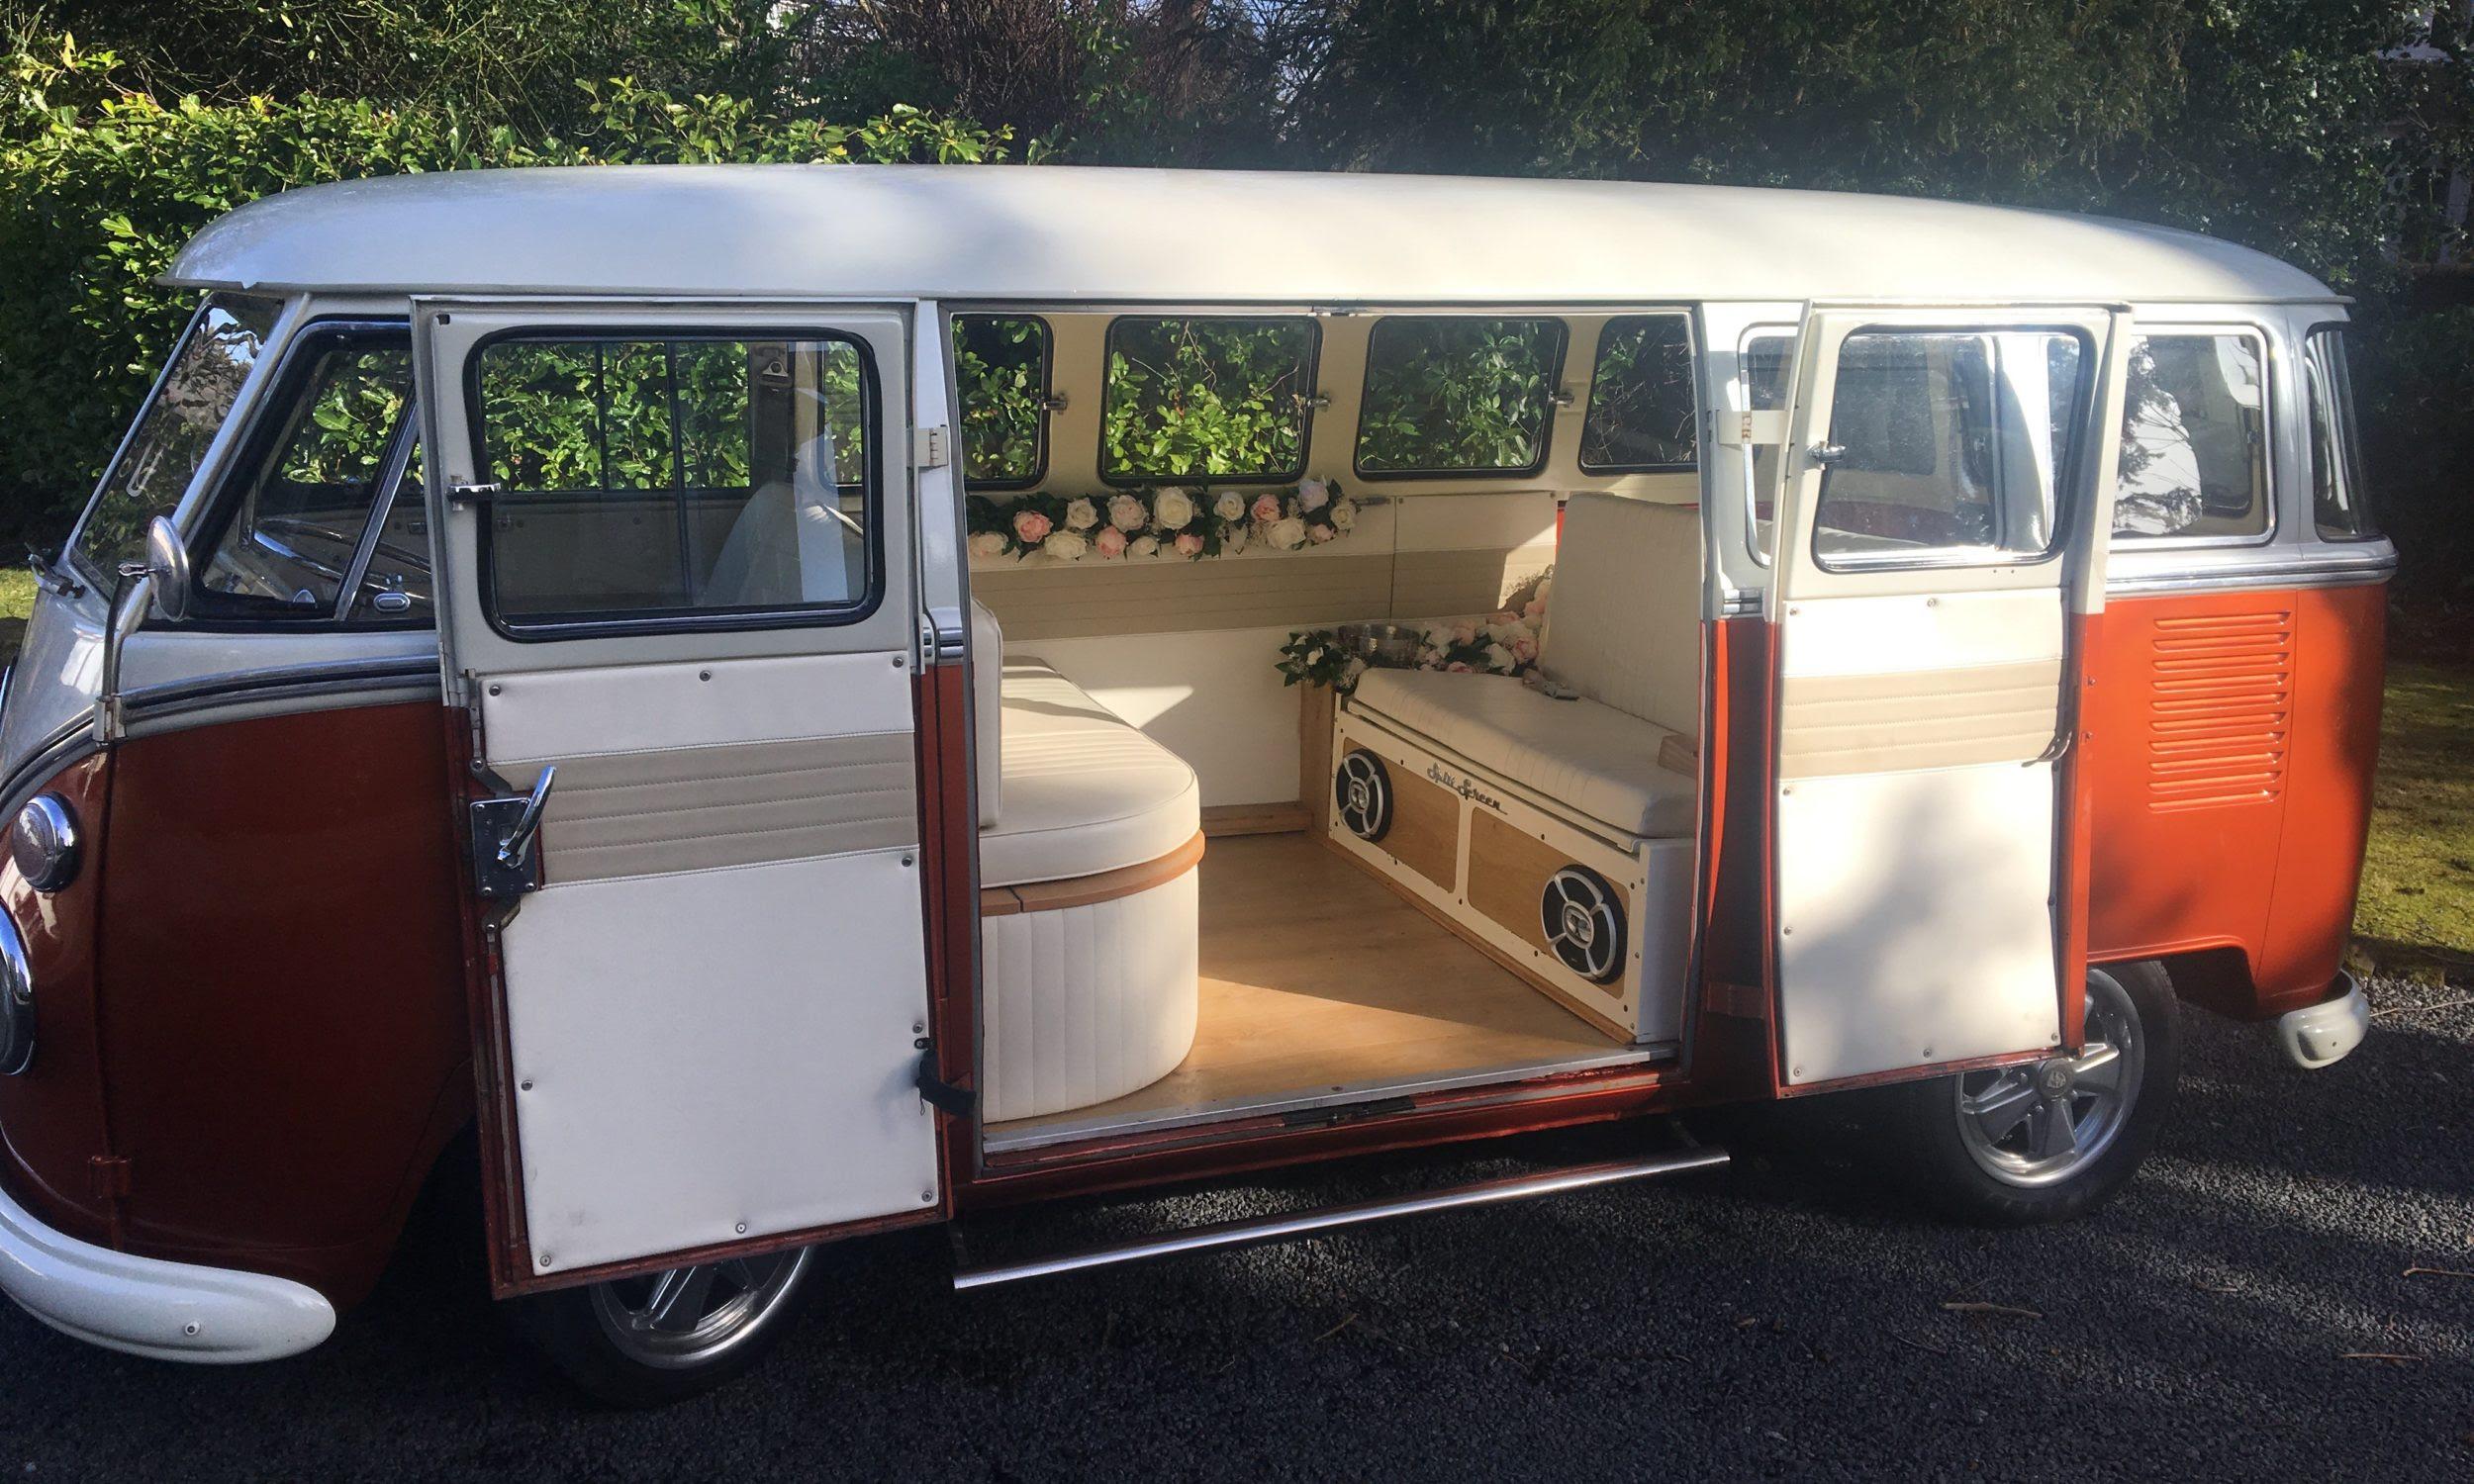 Vw Camper Classic Car Rental Northumbria Classic Car Hire Northumbria Classic Car Hire